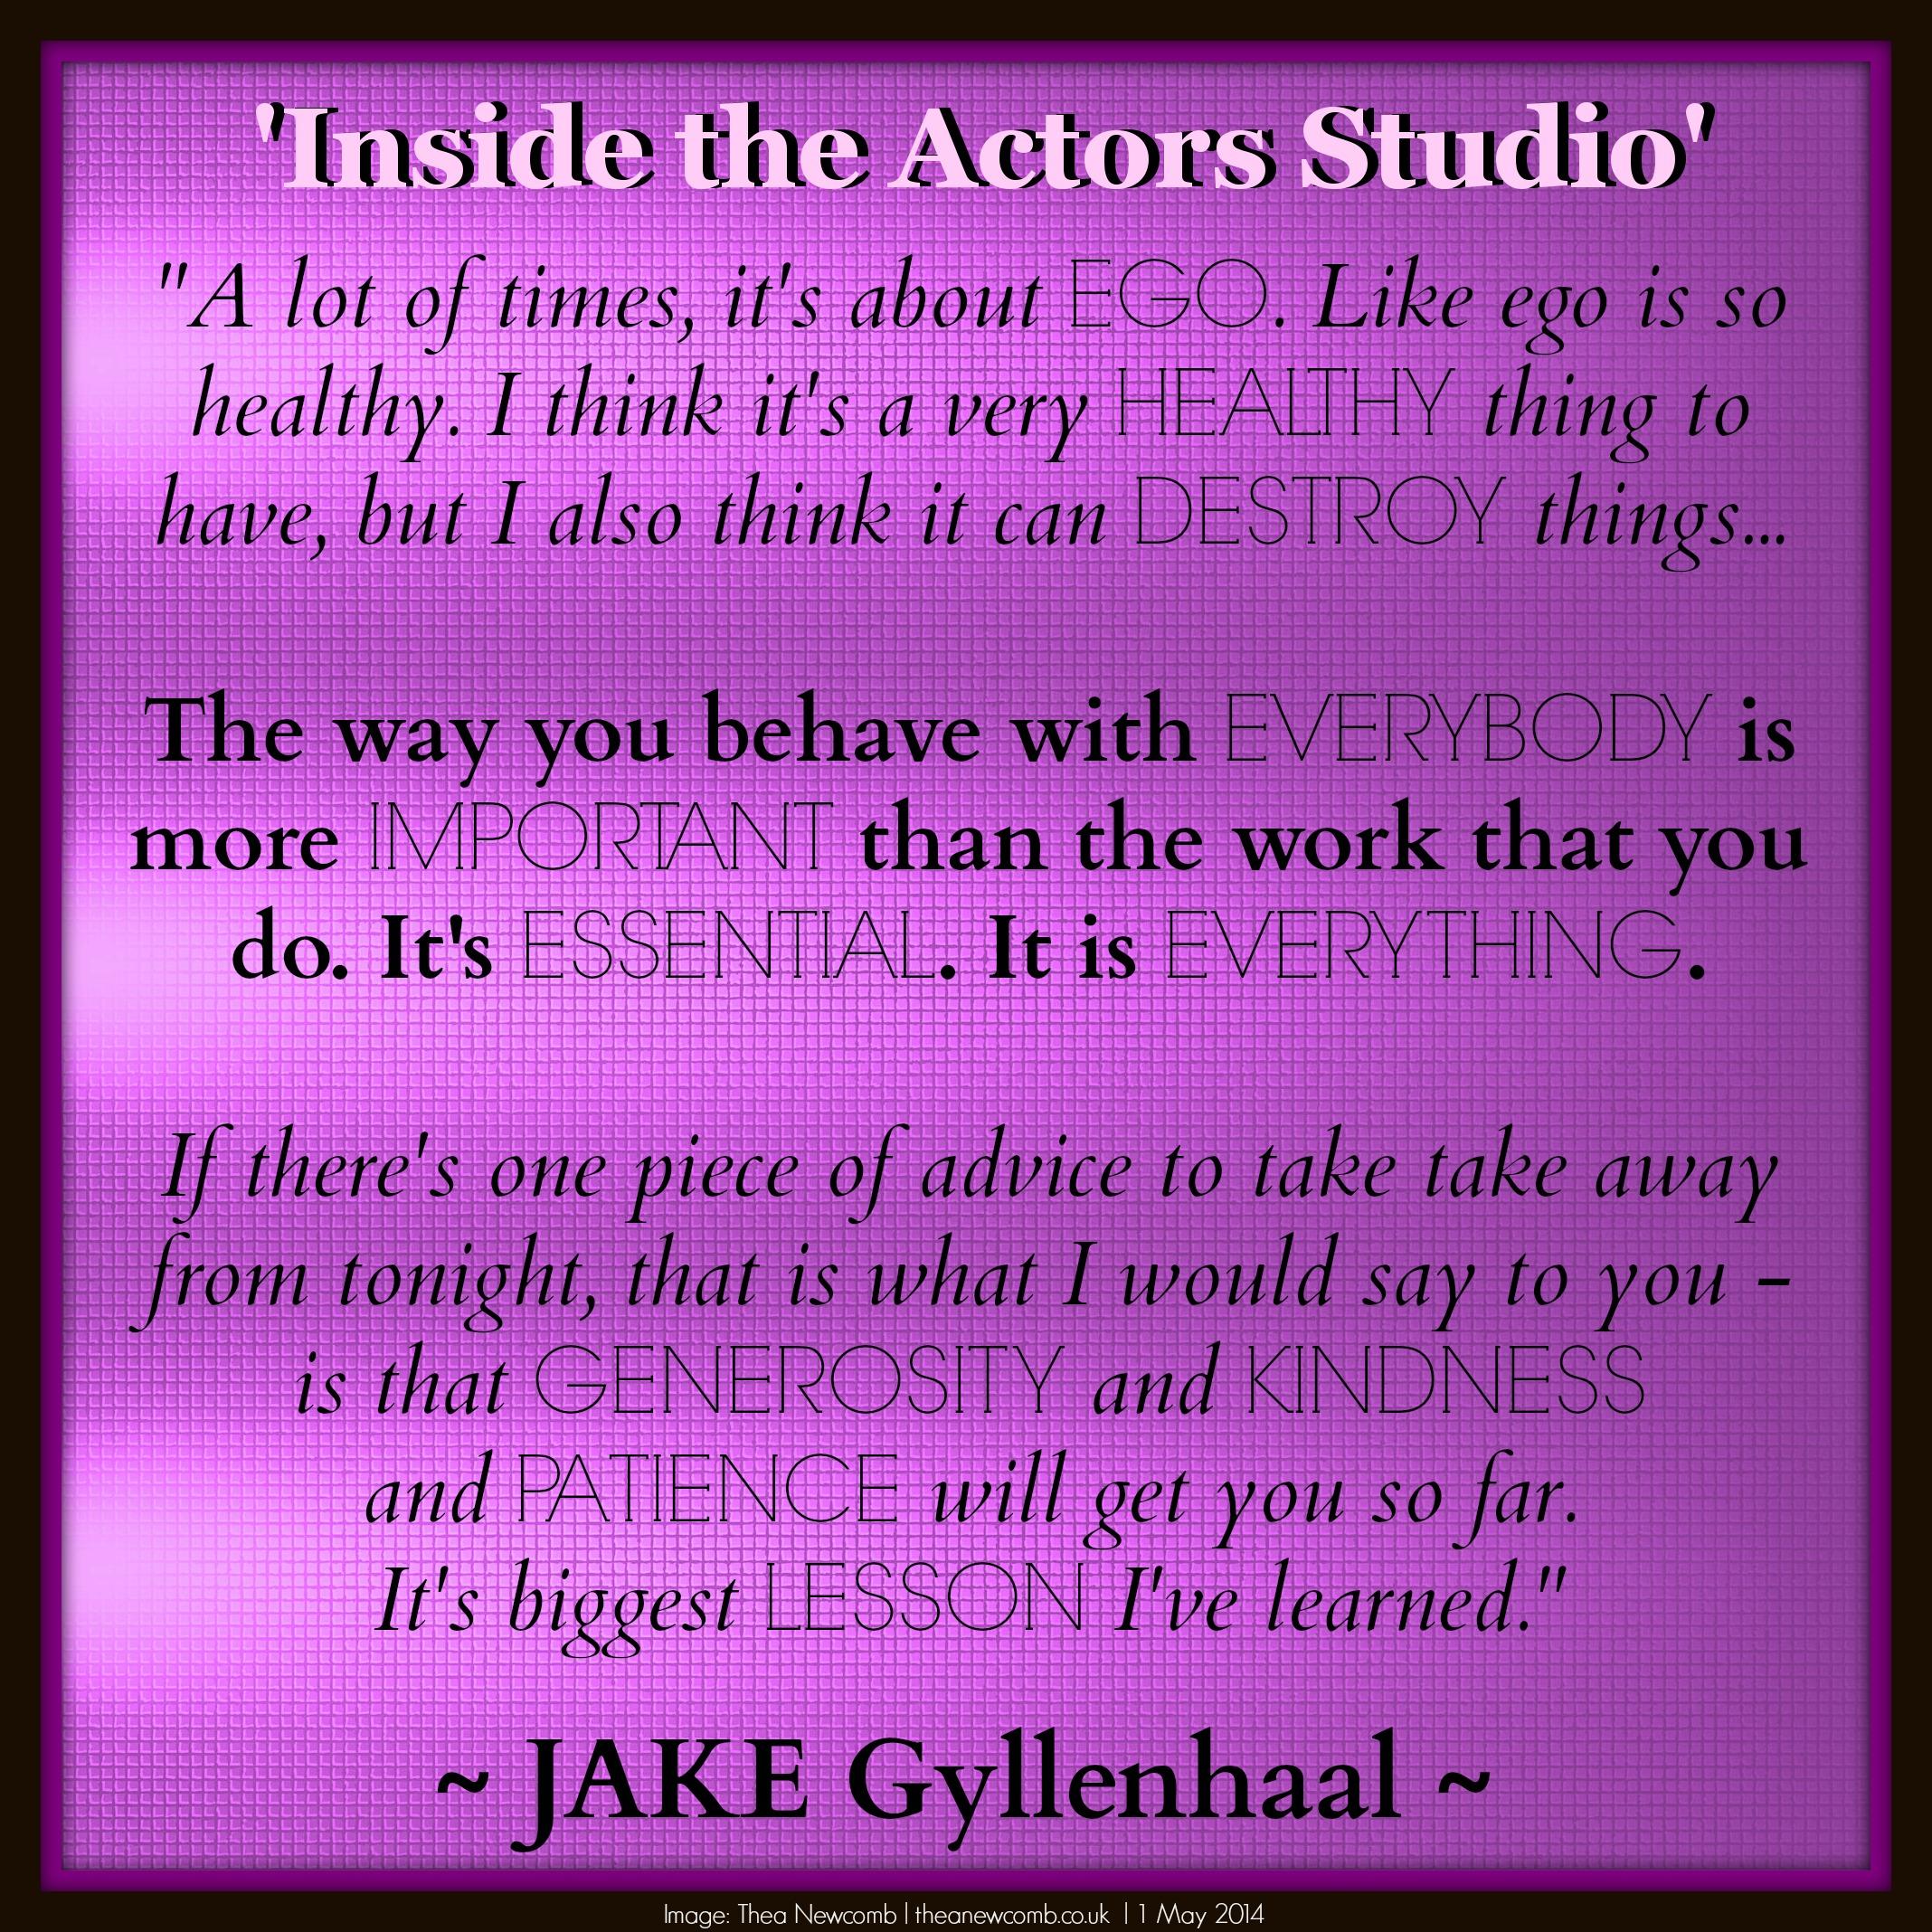 Jake Gyllenhaal on Inisde the Actors Studio